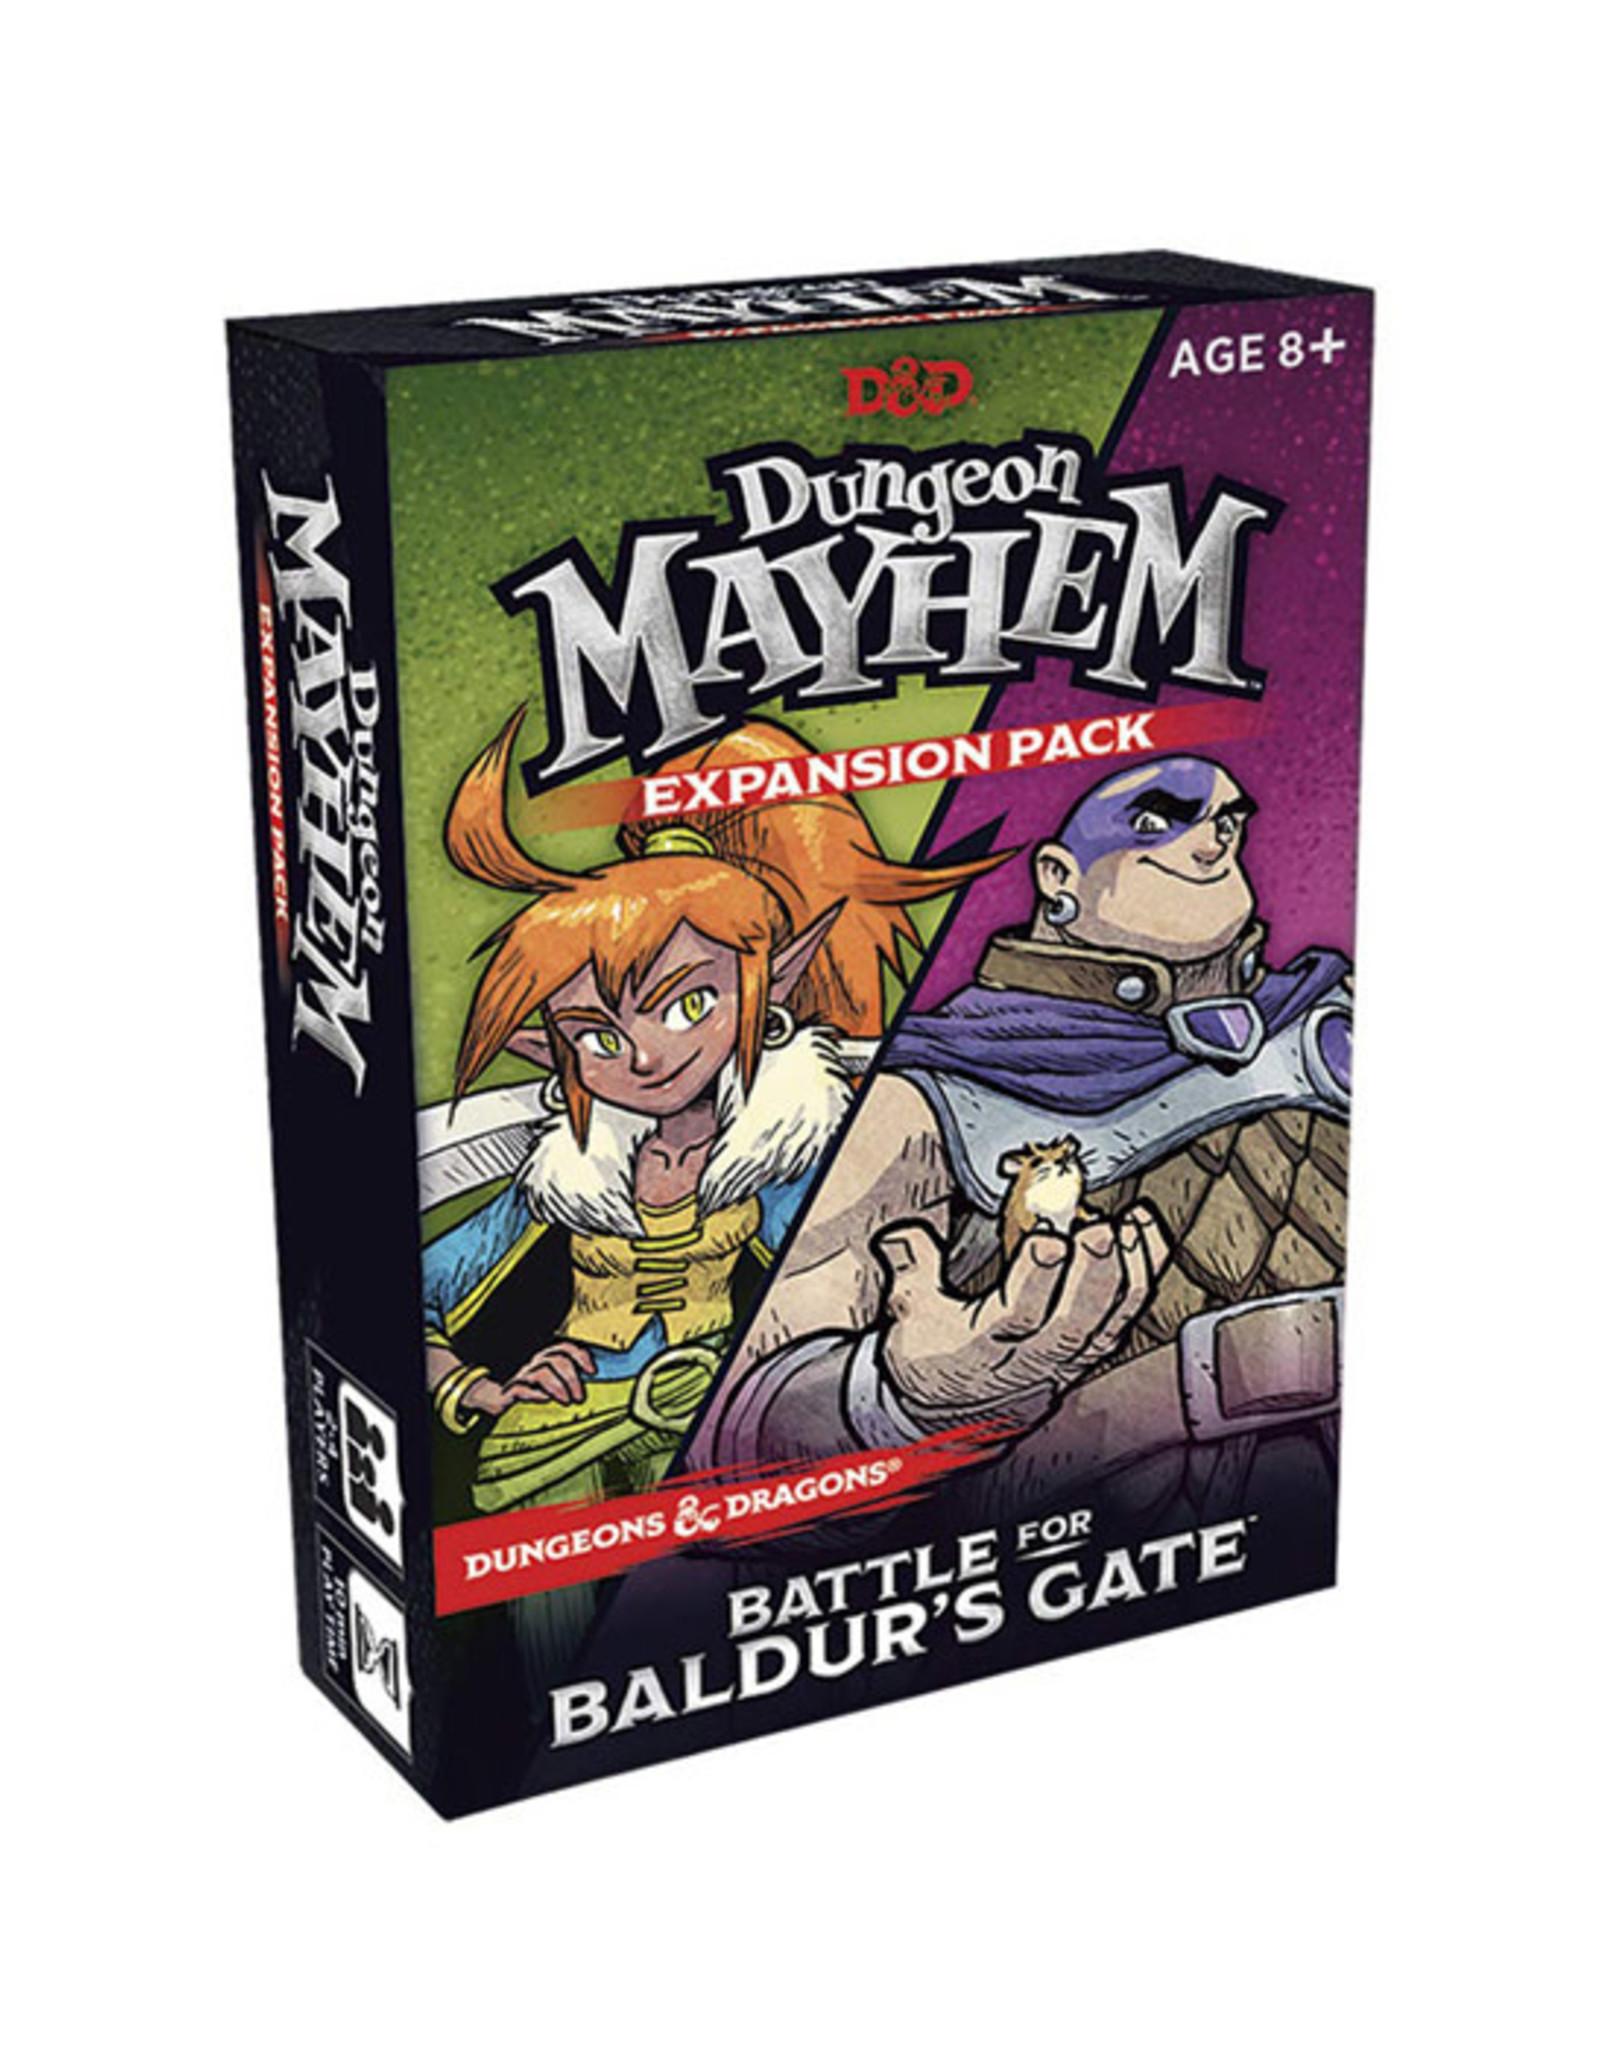 Dungeons & Dragons Dungeon Mayhem: Battle for Baldur's Gate